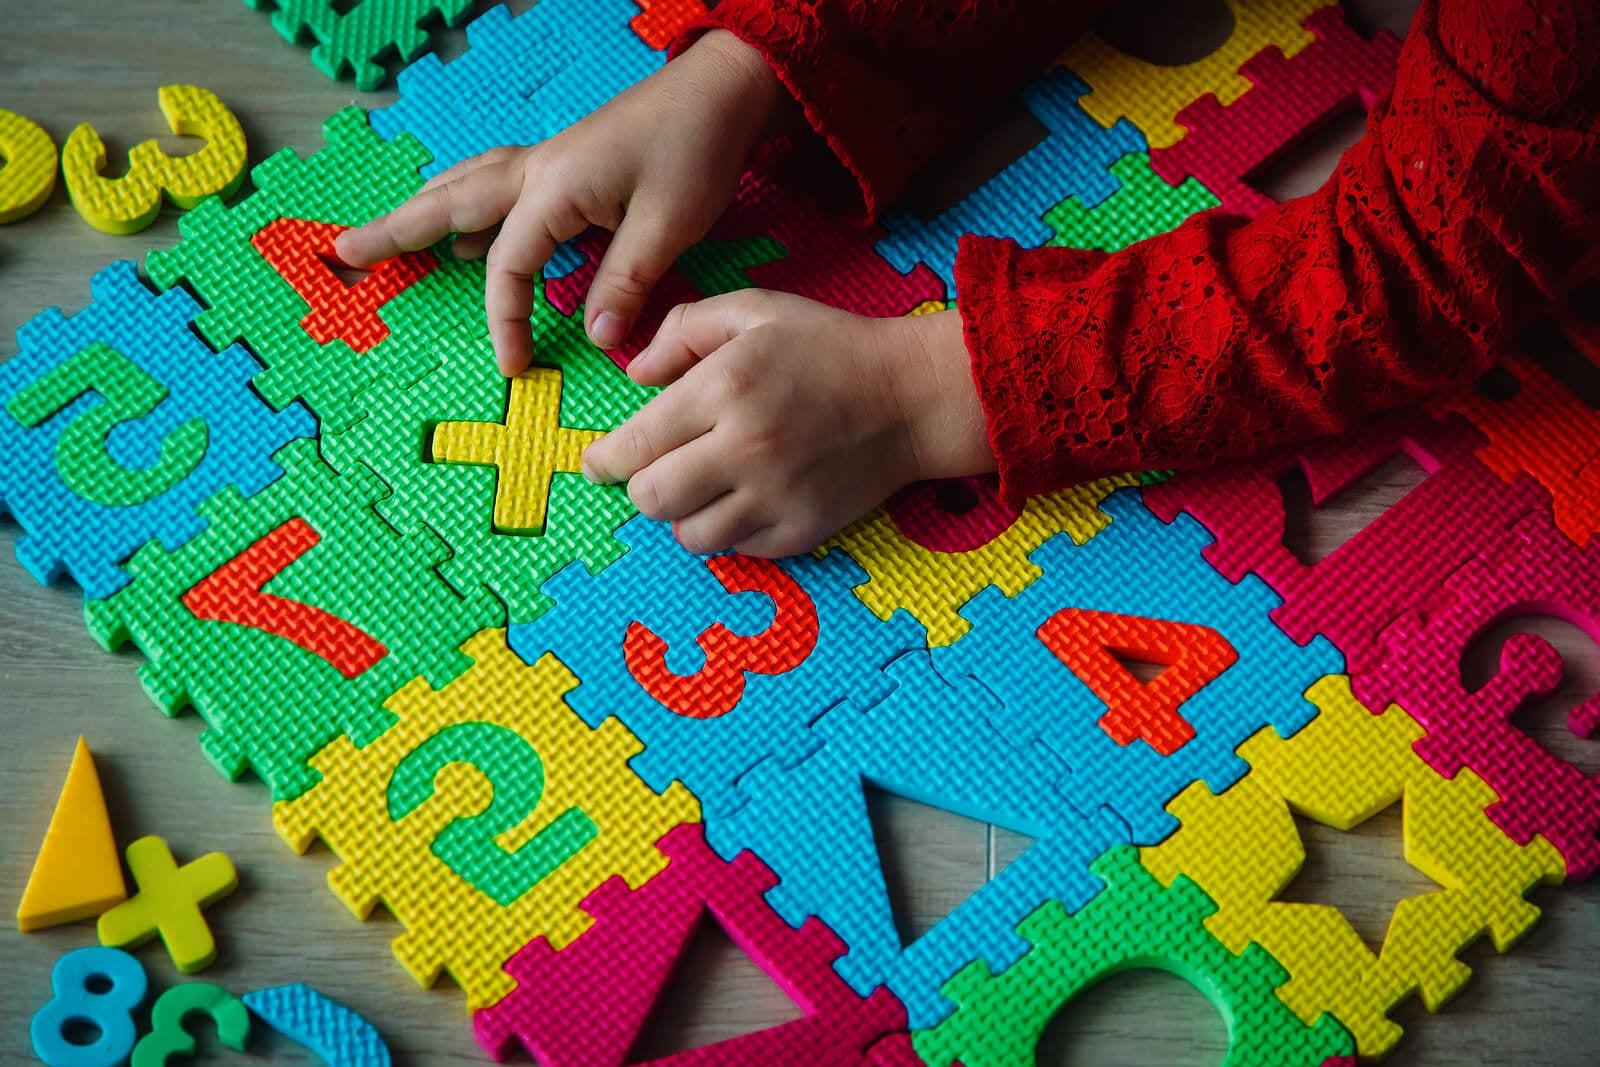 Niño jugando en una alfombra con números porque saber contar no implica conocerlos.